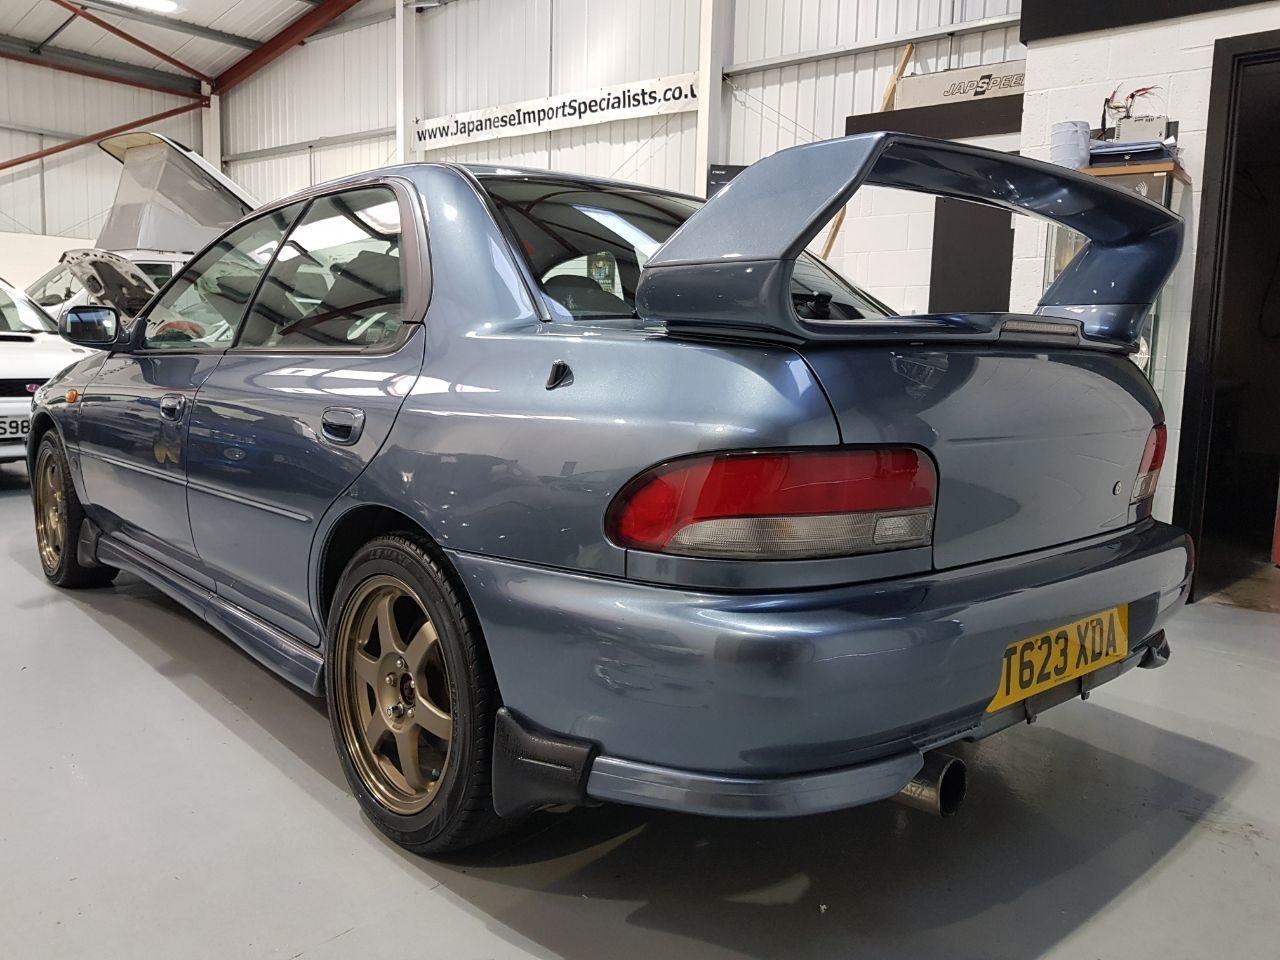 1998 Subaru Impreza 2.0 WRX STI Version 6 - GC8 For Sale (picture 3 of 5)